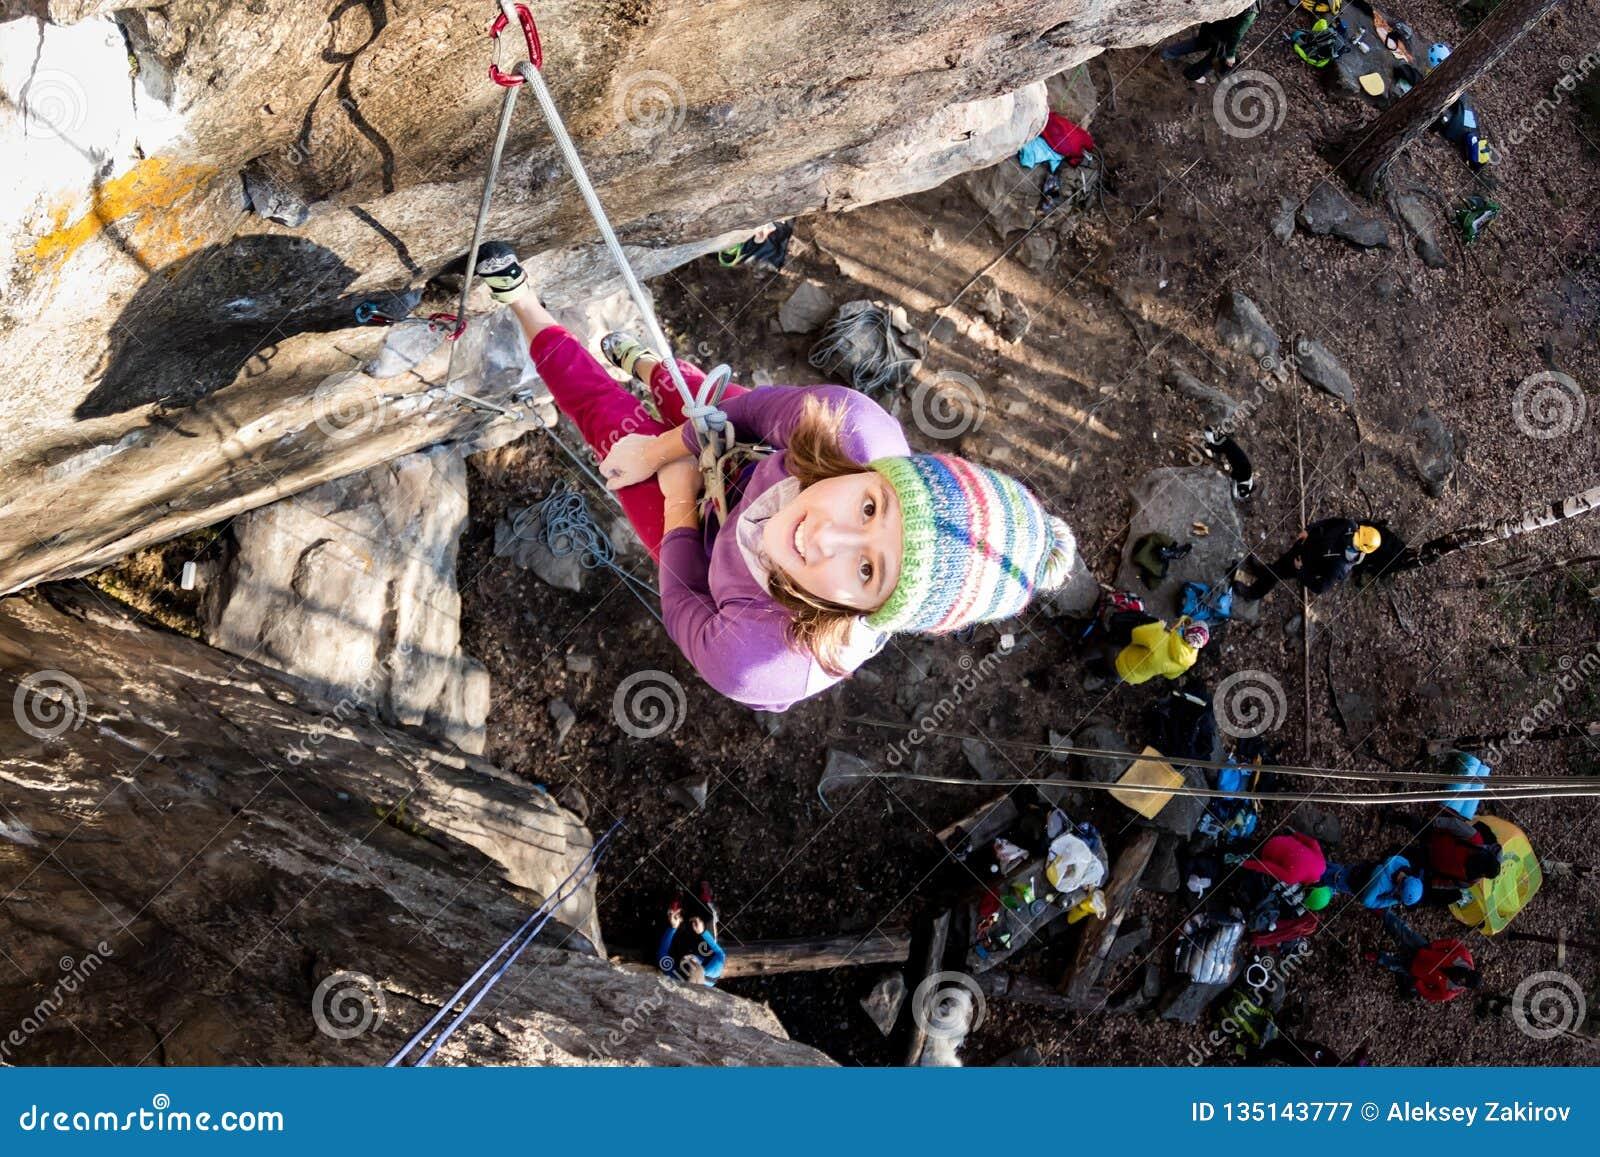 Fille de Roche-grimpeur pleurant en douleur accrochant sur une corde avec un visage triste en s élevant sur une roche